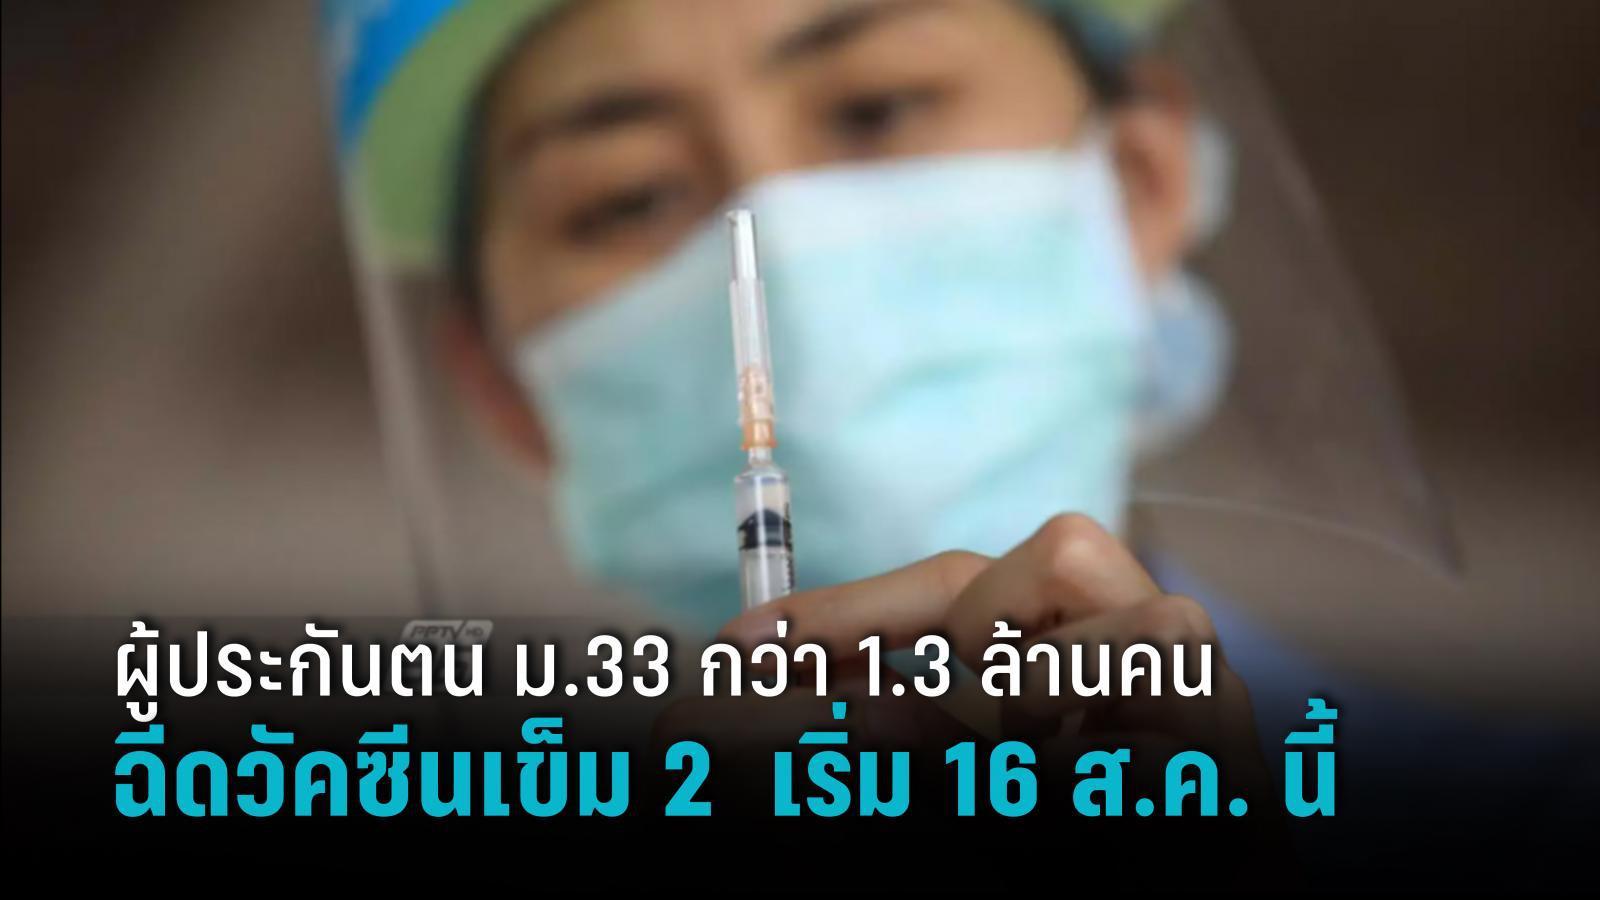 """ผู้ประกันตน ม.33 กว่า1.3 ล้านคน ฉีดวัคซีนเข็ม 2 """"แอสตร้าเซนเนก้า""""เริ่ม 16 ส.ค. นี้"""